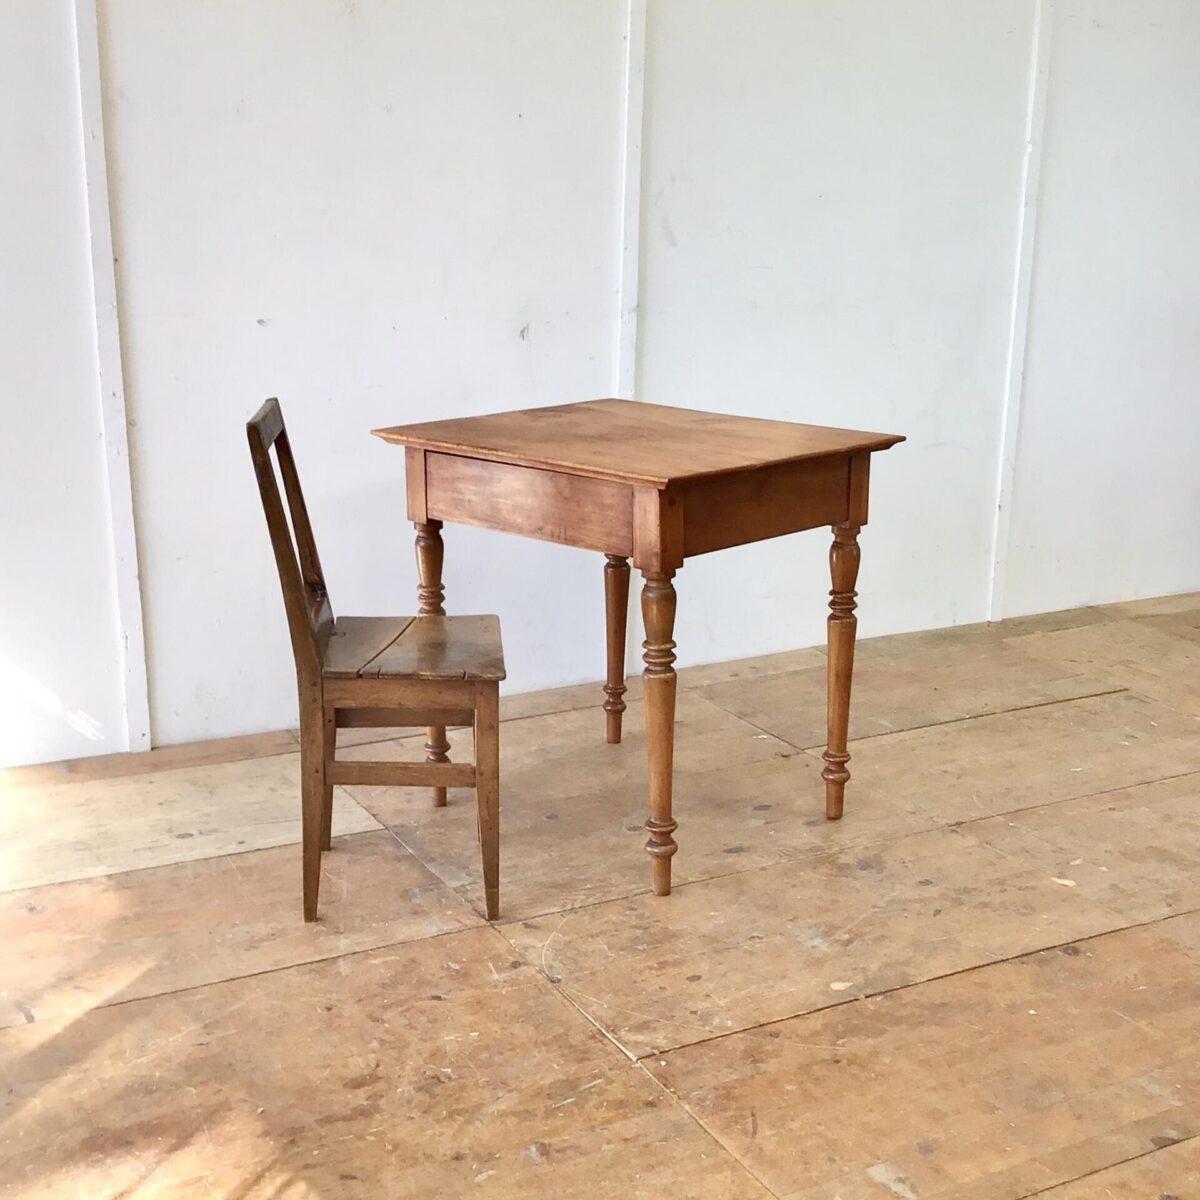 Kleiner antiker Kirschbaum Schreibtisch mit Schublade. 80x67cm Höhe 77cm. Tischoberfläche aufbereitet, mit Naturöl behandelt. Die intensive warm-rötliche Farbe gepaart mit der Alterspatina und den Wurmlöchern, geben dem Tisch seinen Charakter. Die von unten ausgekehlten Tischkanten, lassen den Tisch etwas leichter wirken.